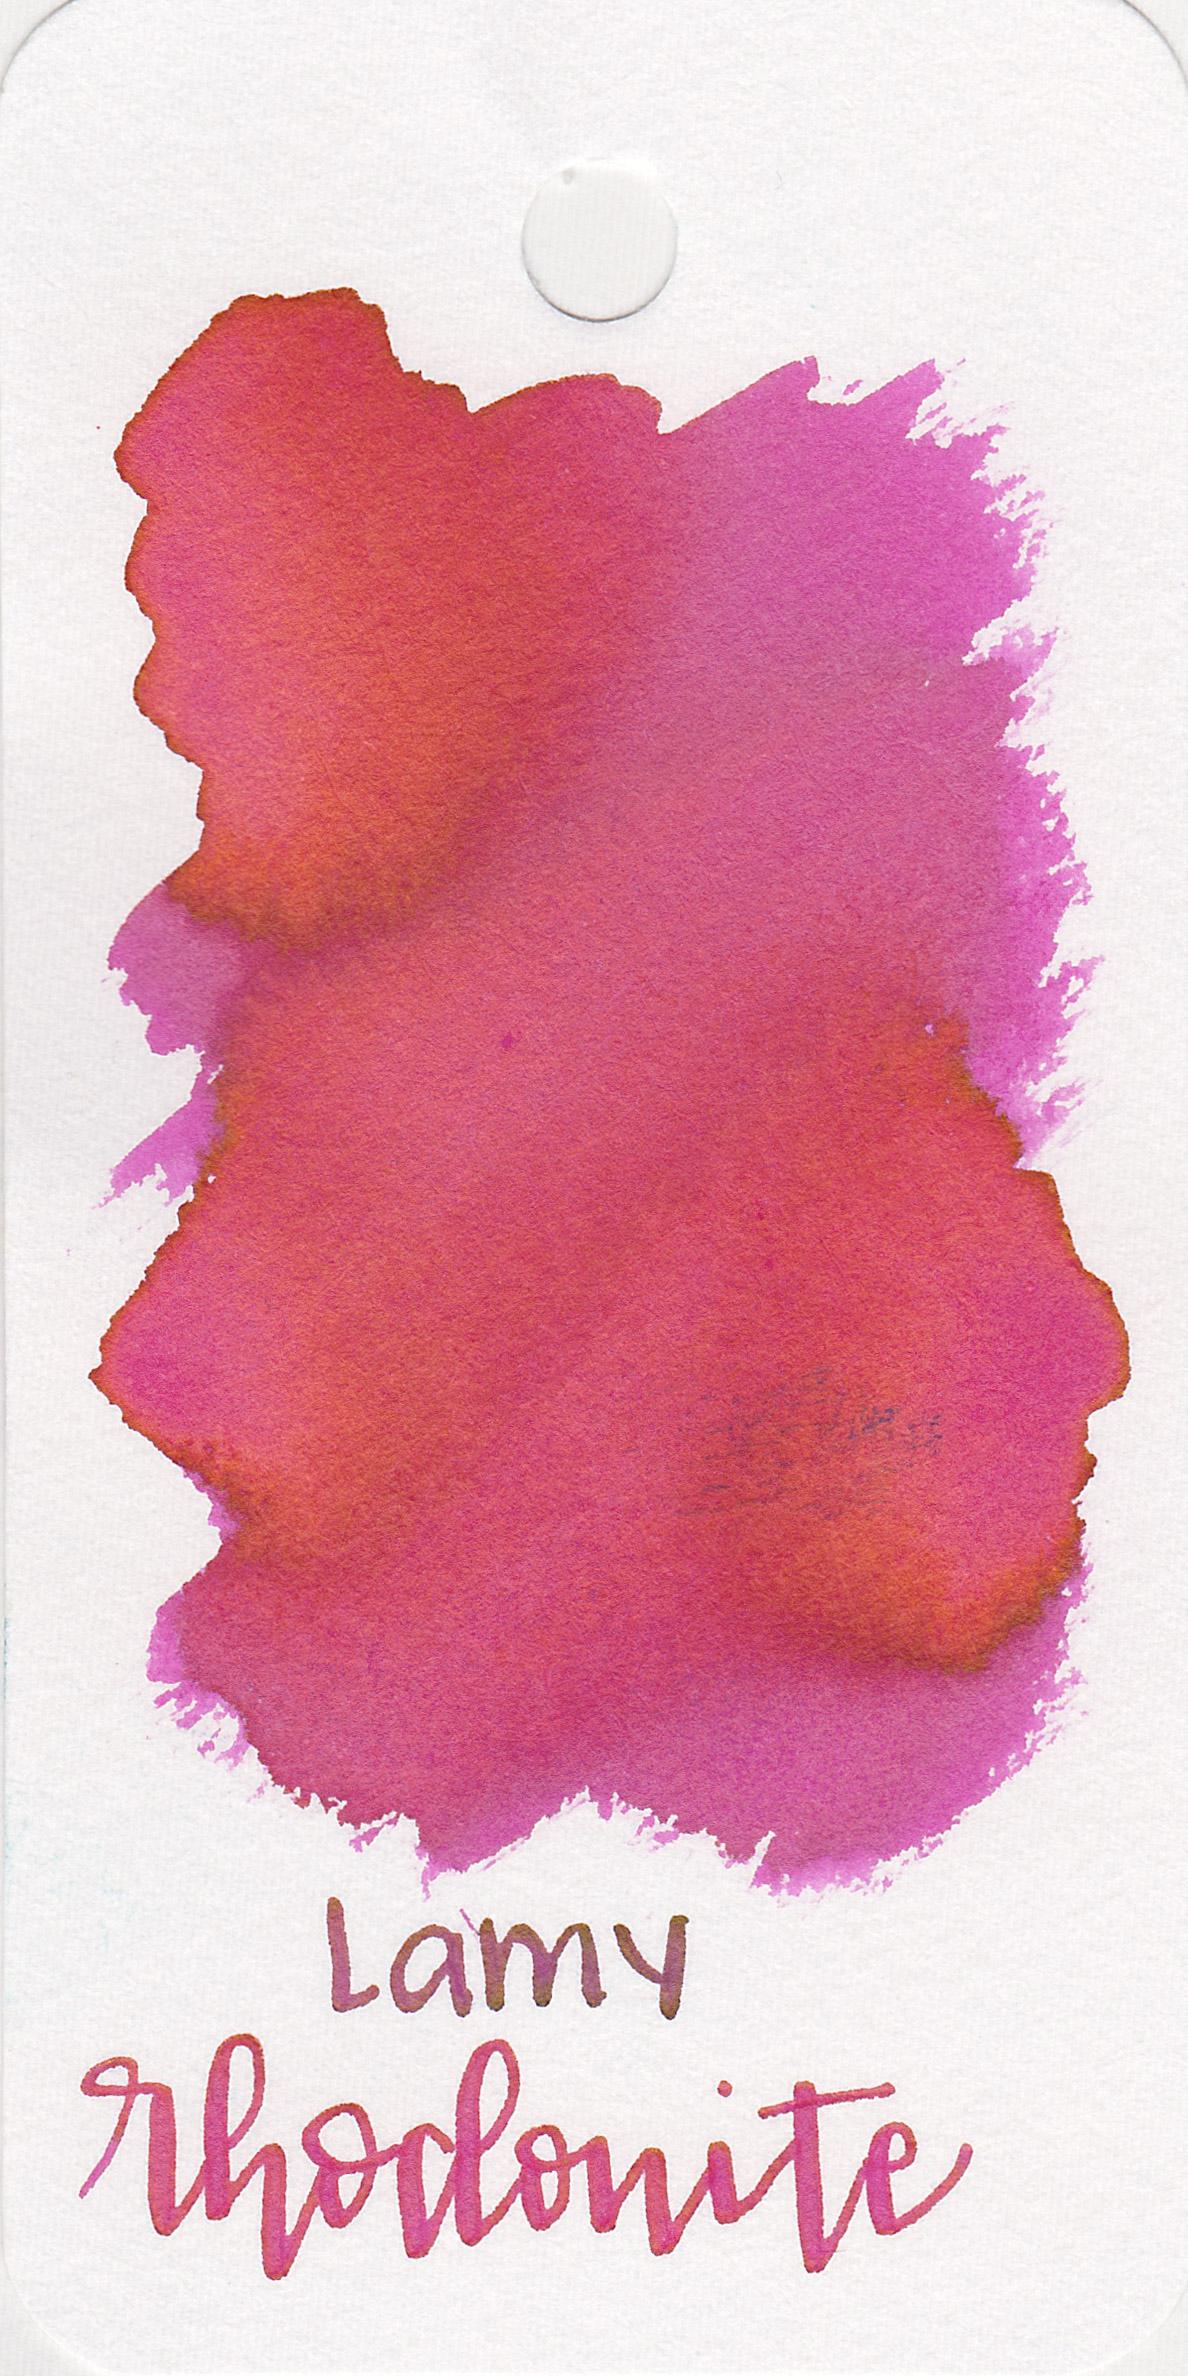 lmy-rhodonite-1.jpg